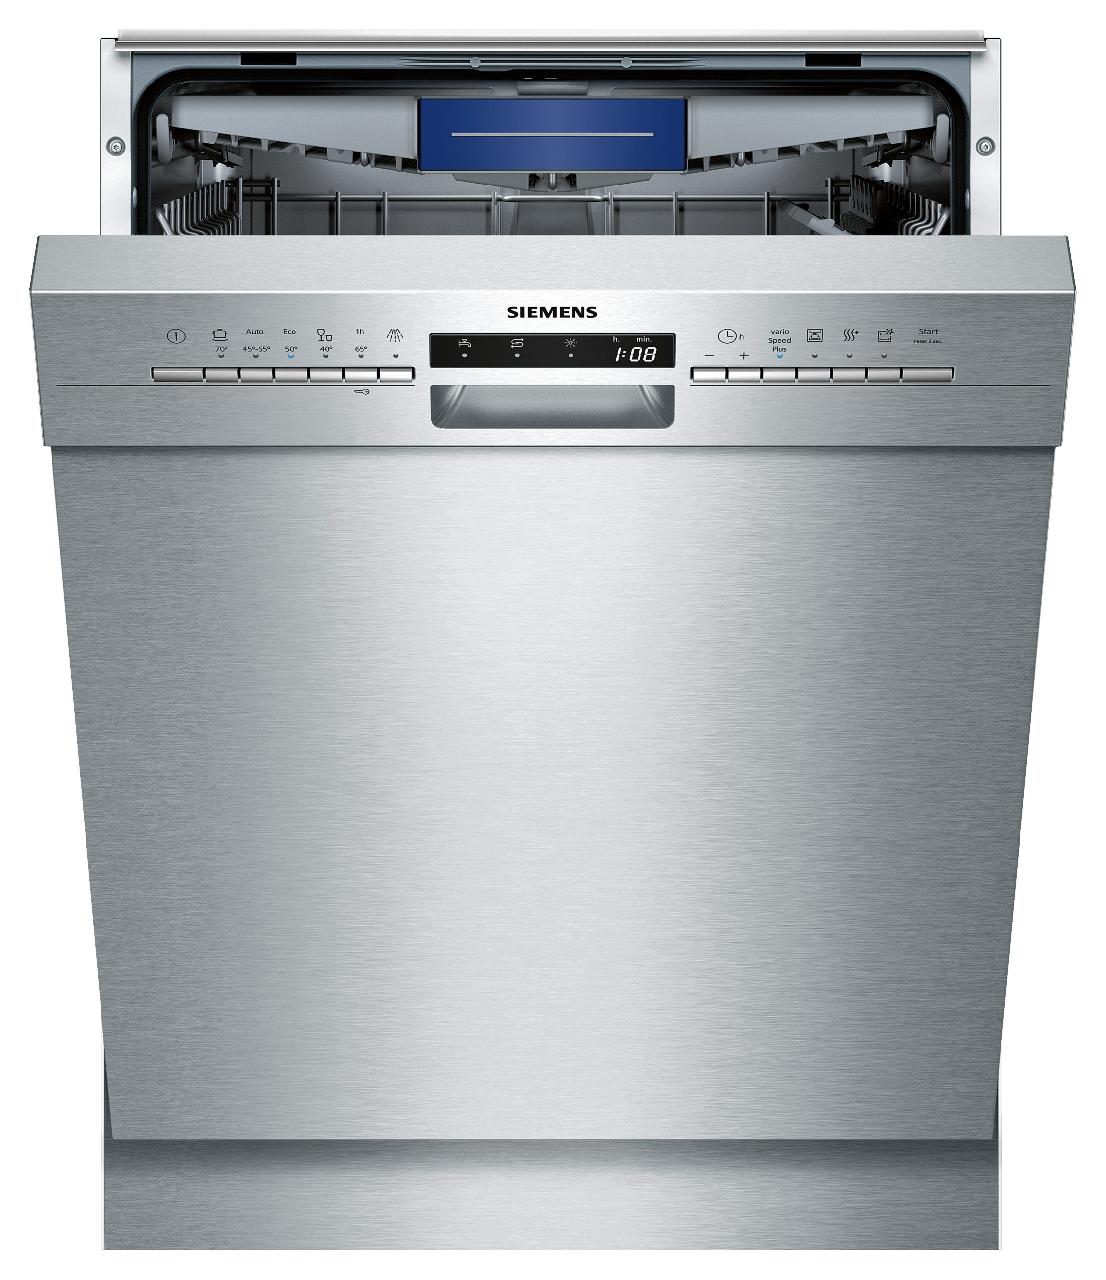 Hochwertig Siemens Geschirrspüler Unterbaugerät Edelstahl SN436S01KE EEK: A++